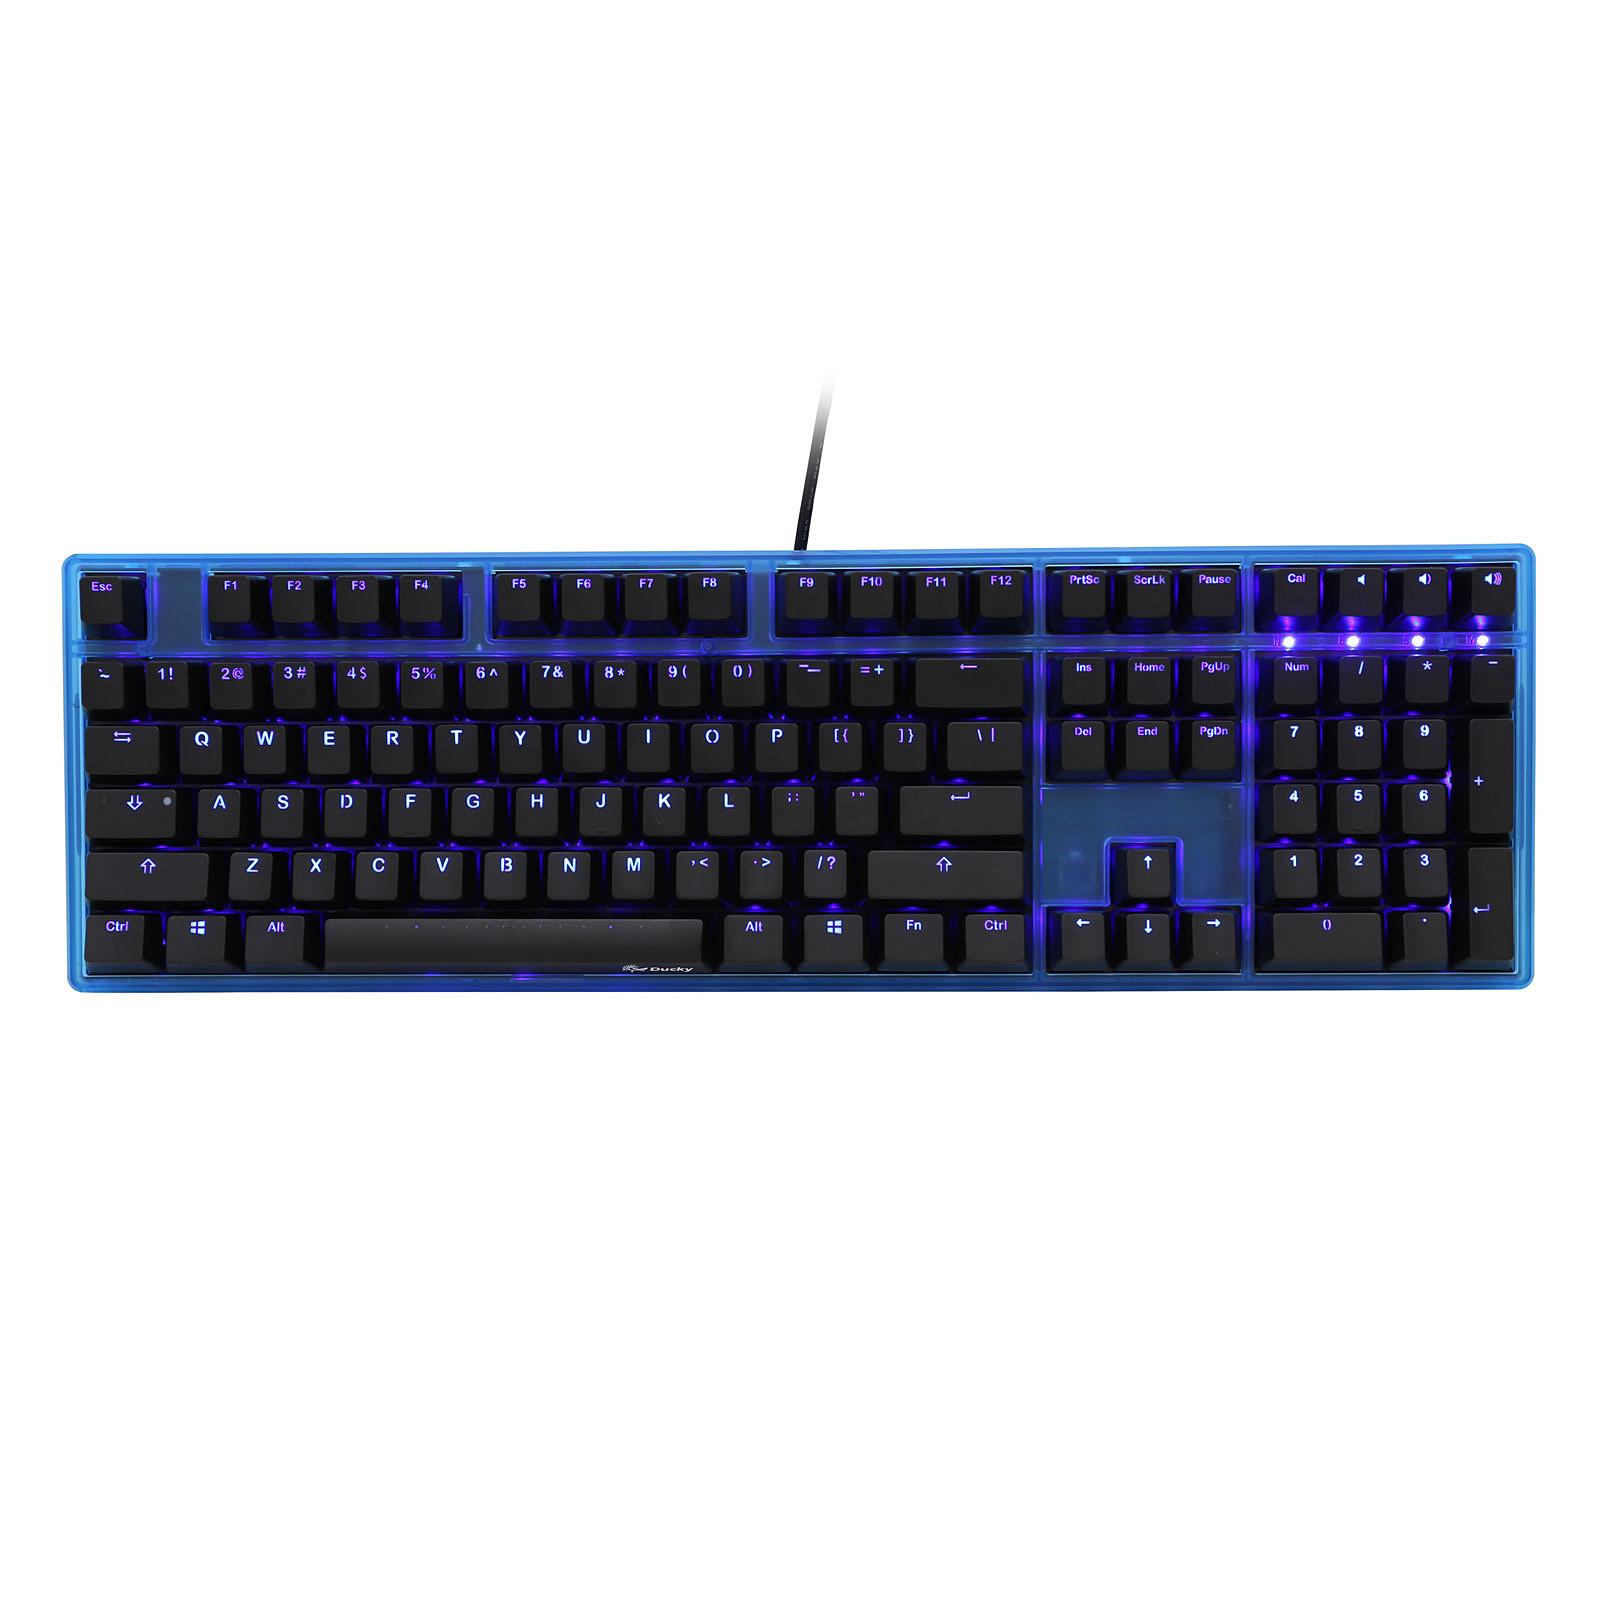 Ducky Channel One (coloris bleu transparent - MX Black - LEDs bleues)